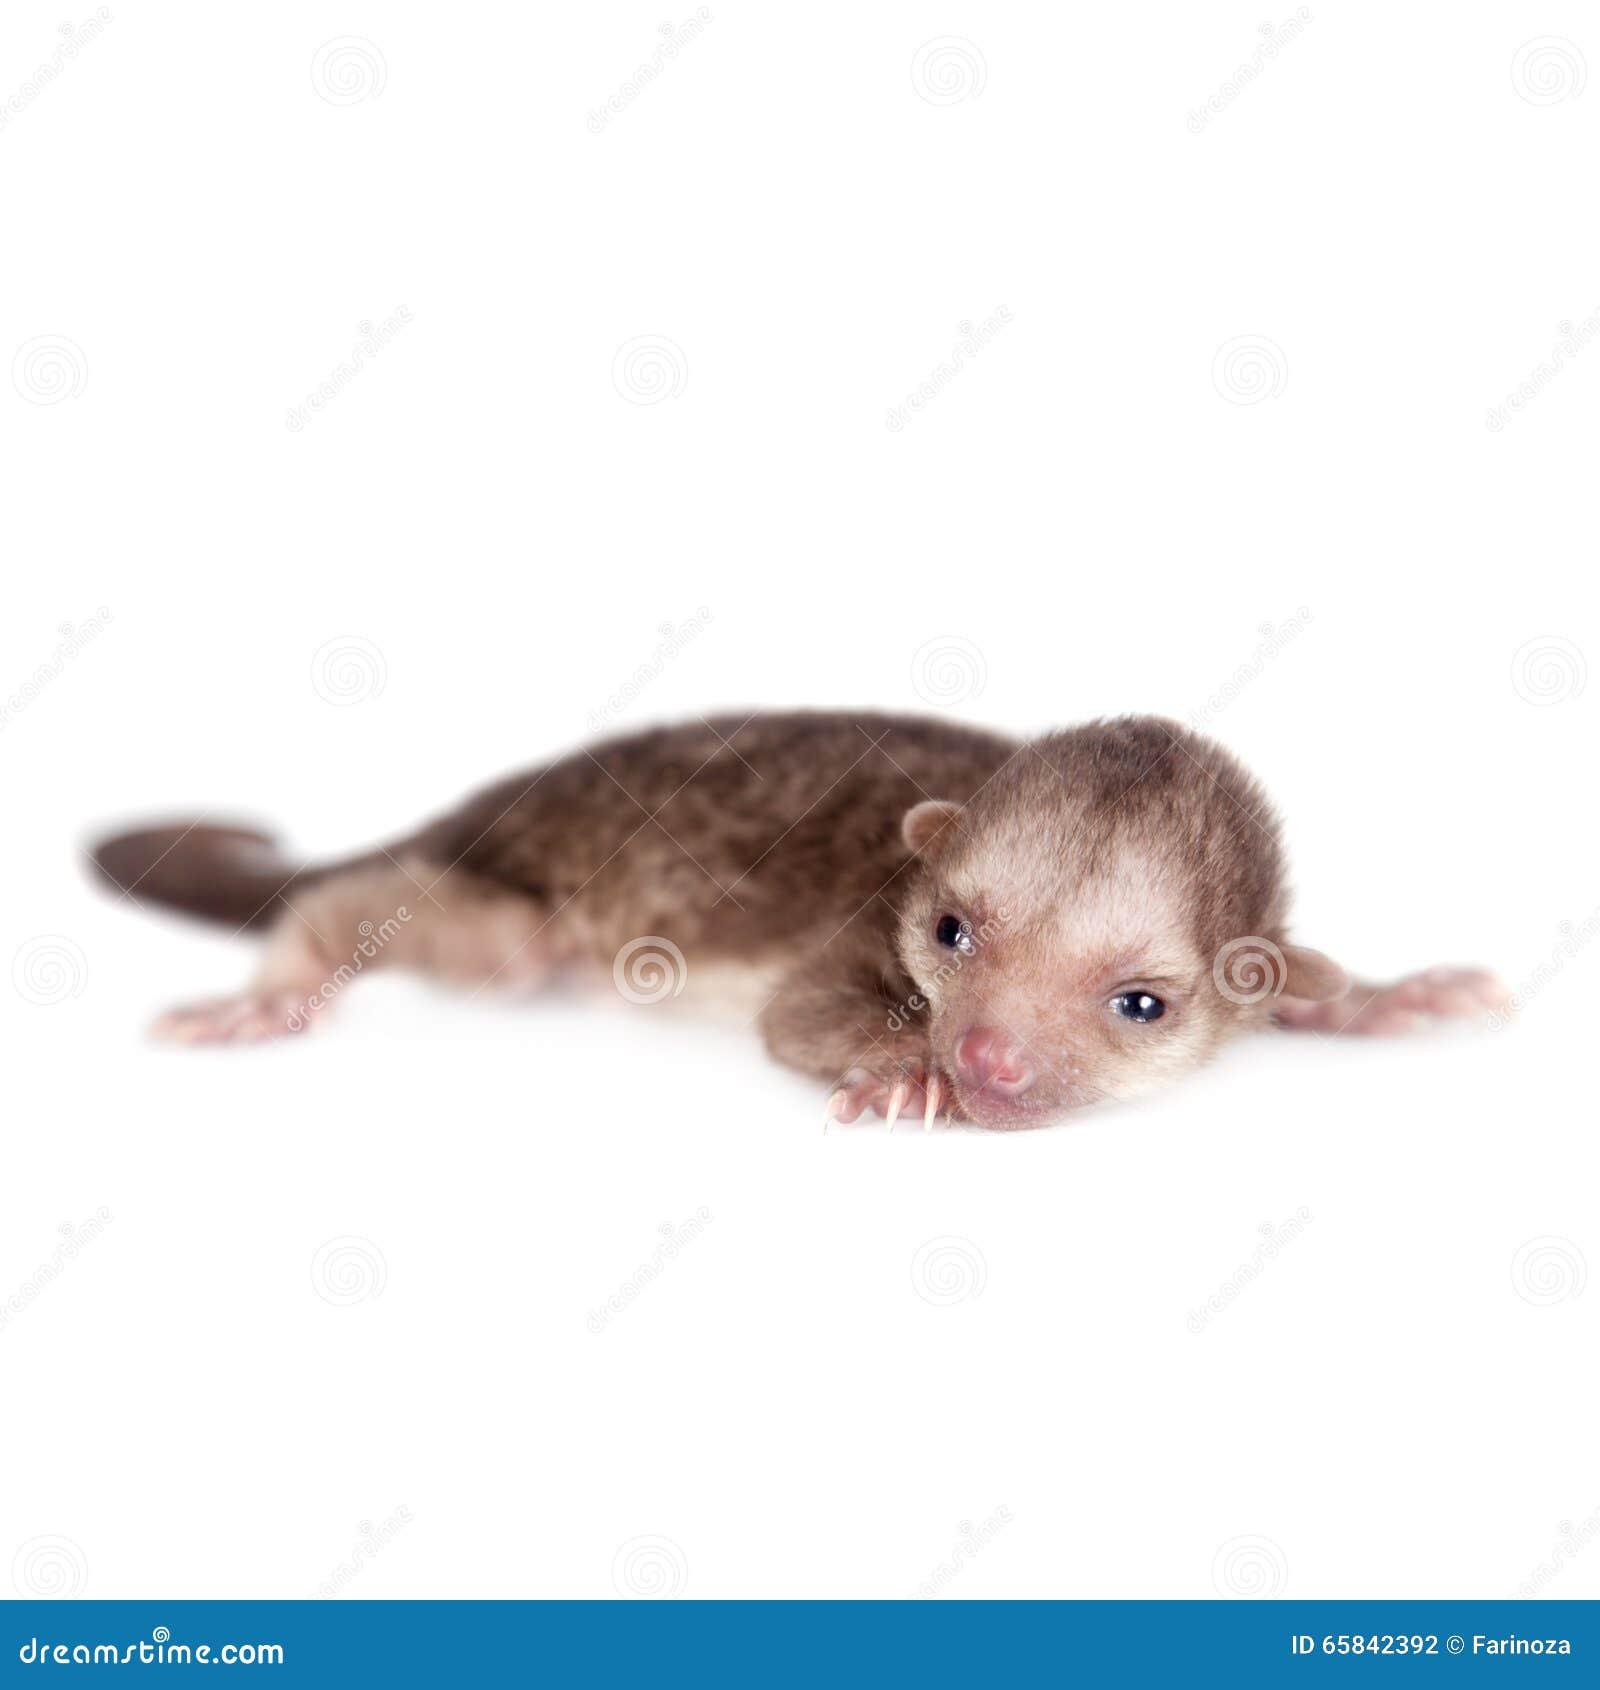 kinkajou potos flavus 1 month old baby on white stock photo